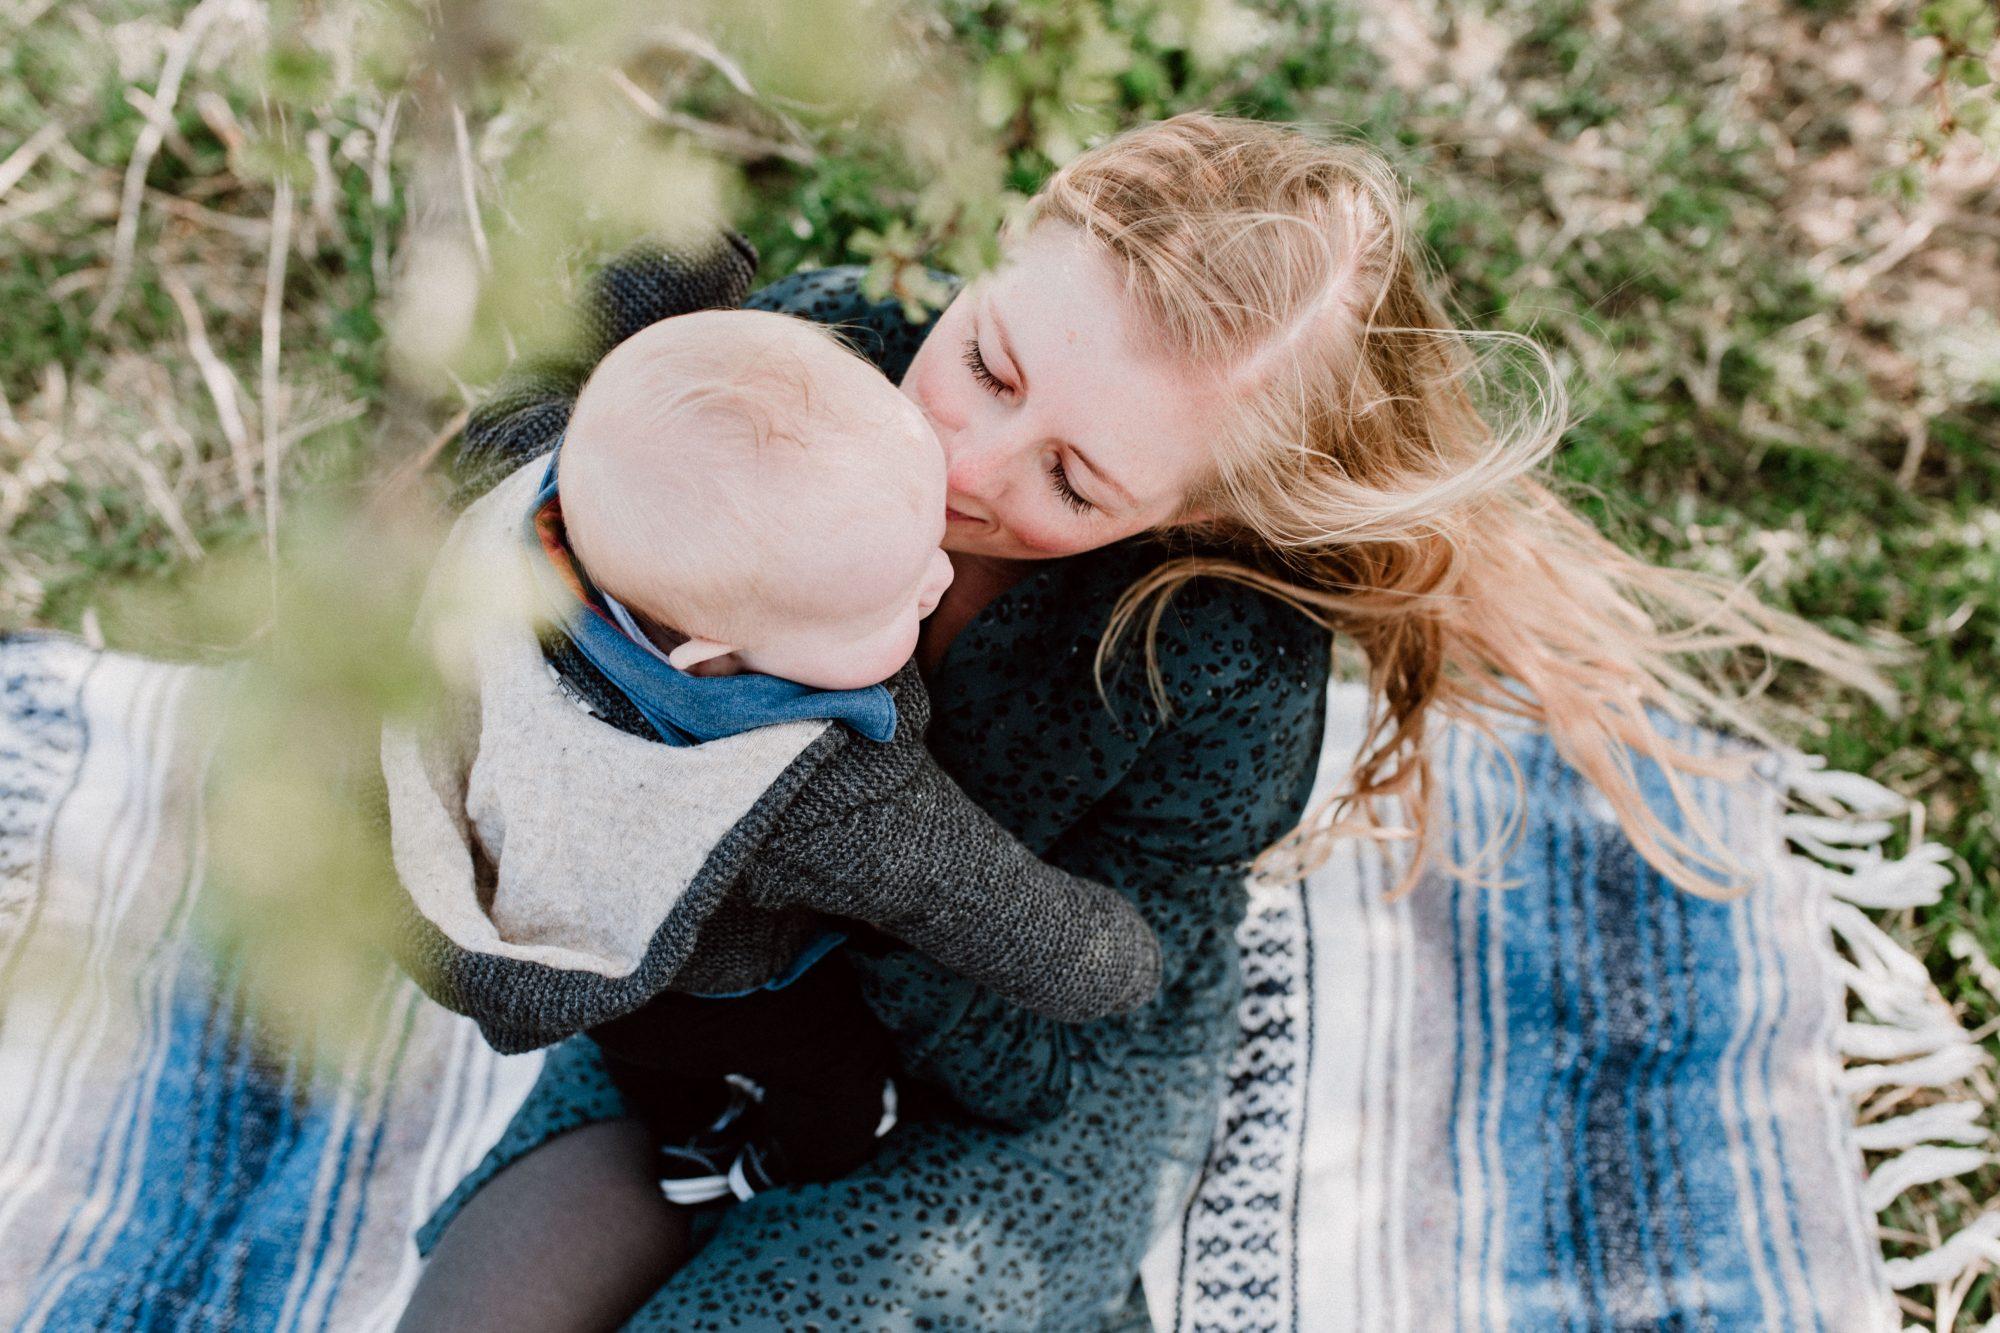 Jessica Groenewegen Fotografie Zoetermeer Fotoshoot gezin newborn loveshoot baby